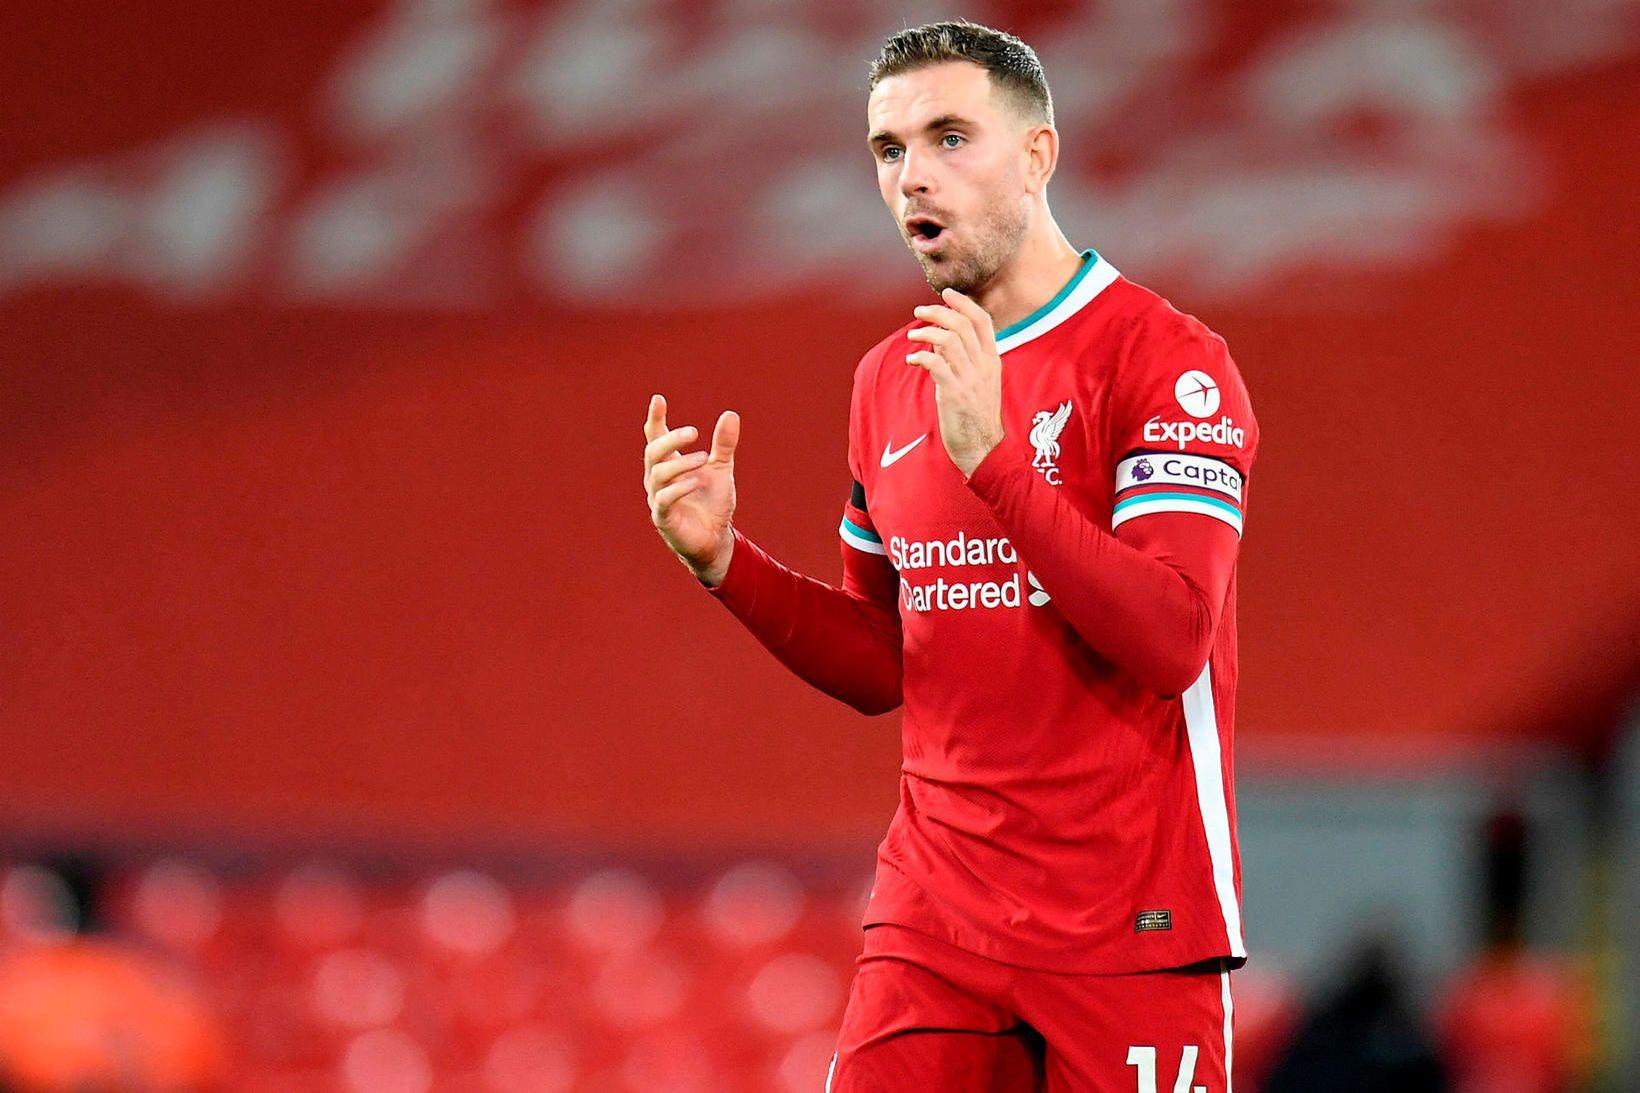 Jordan Henderson lék síðast með Liverpool í febrúar gegn Everton.